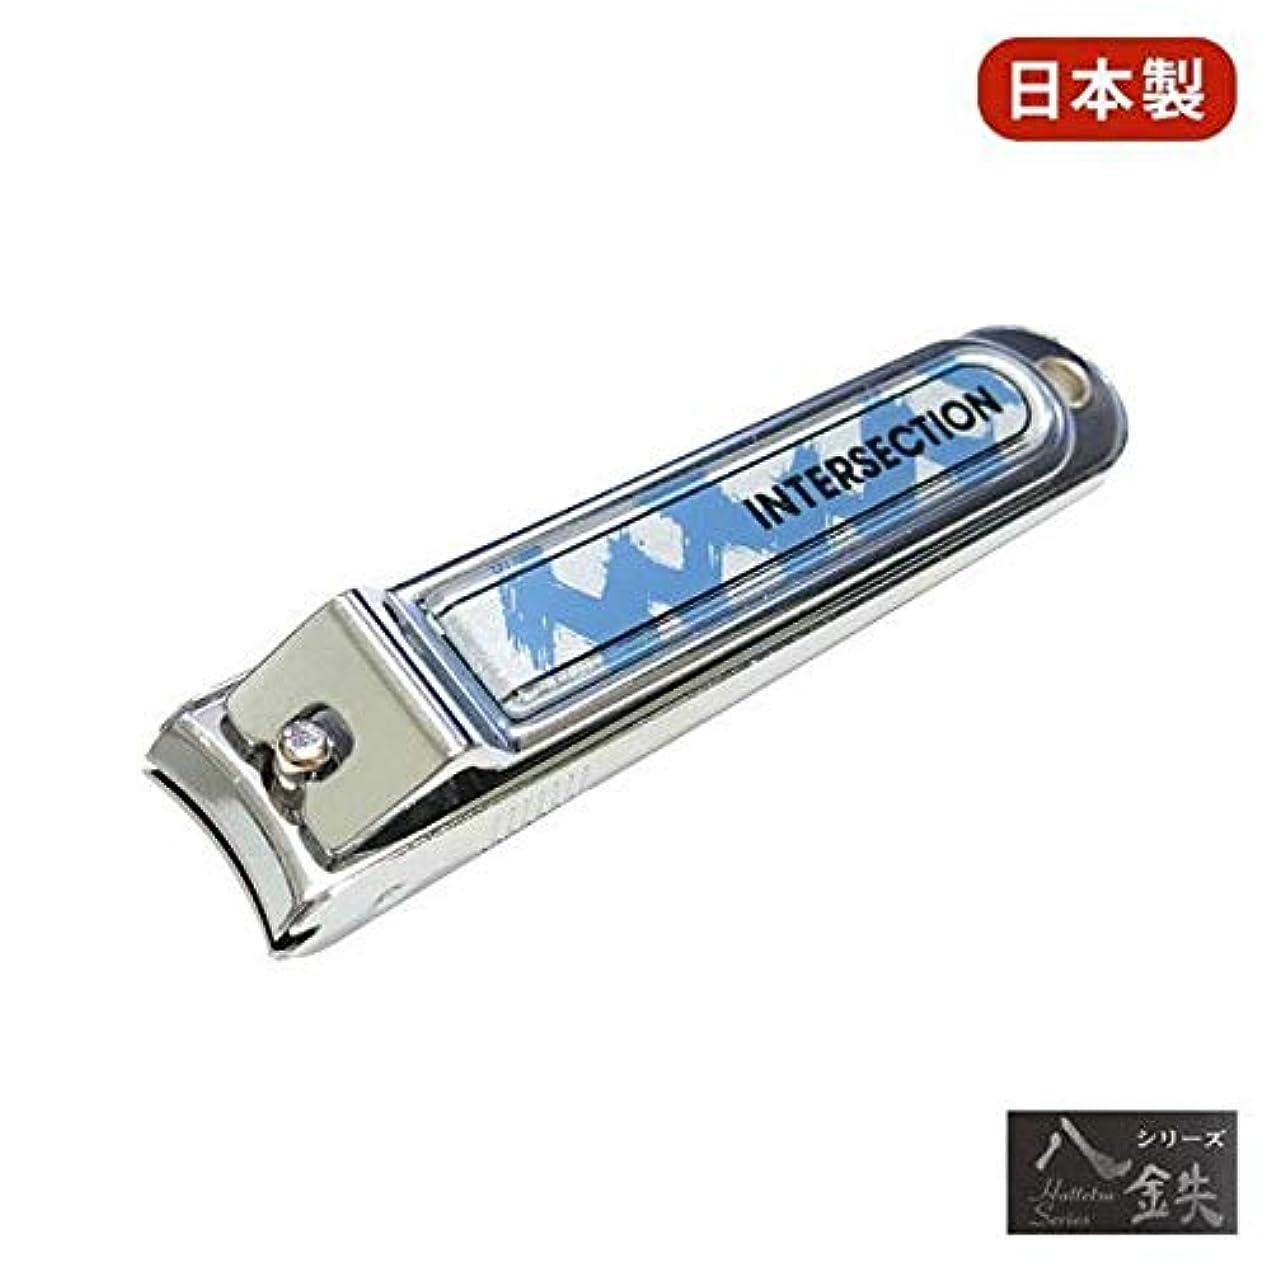 大きいシェア頑張る日本製 八鉄 手足兼用爪切り 88001 【人気 おすすめ 通販パーク】